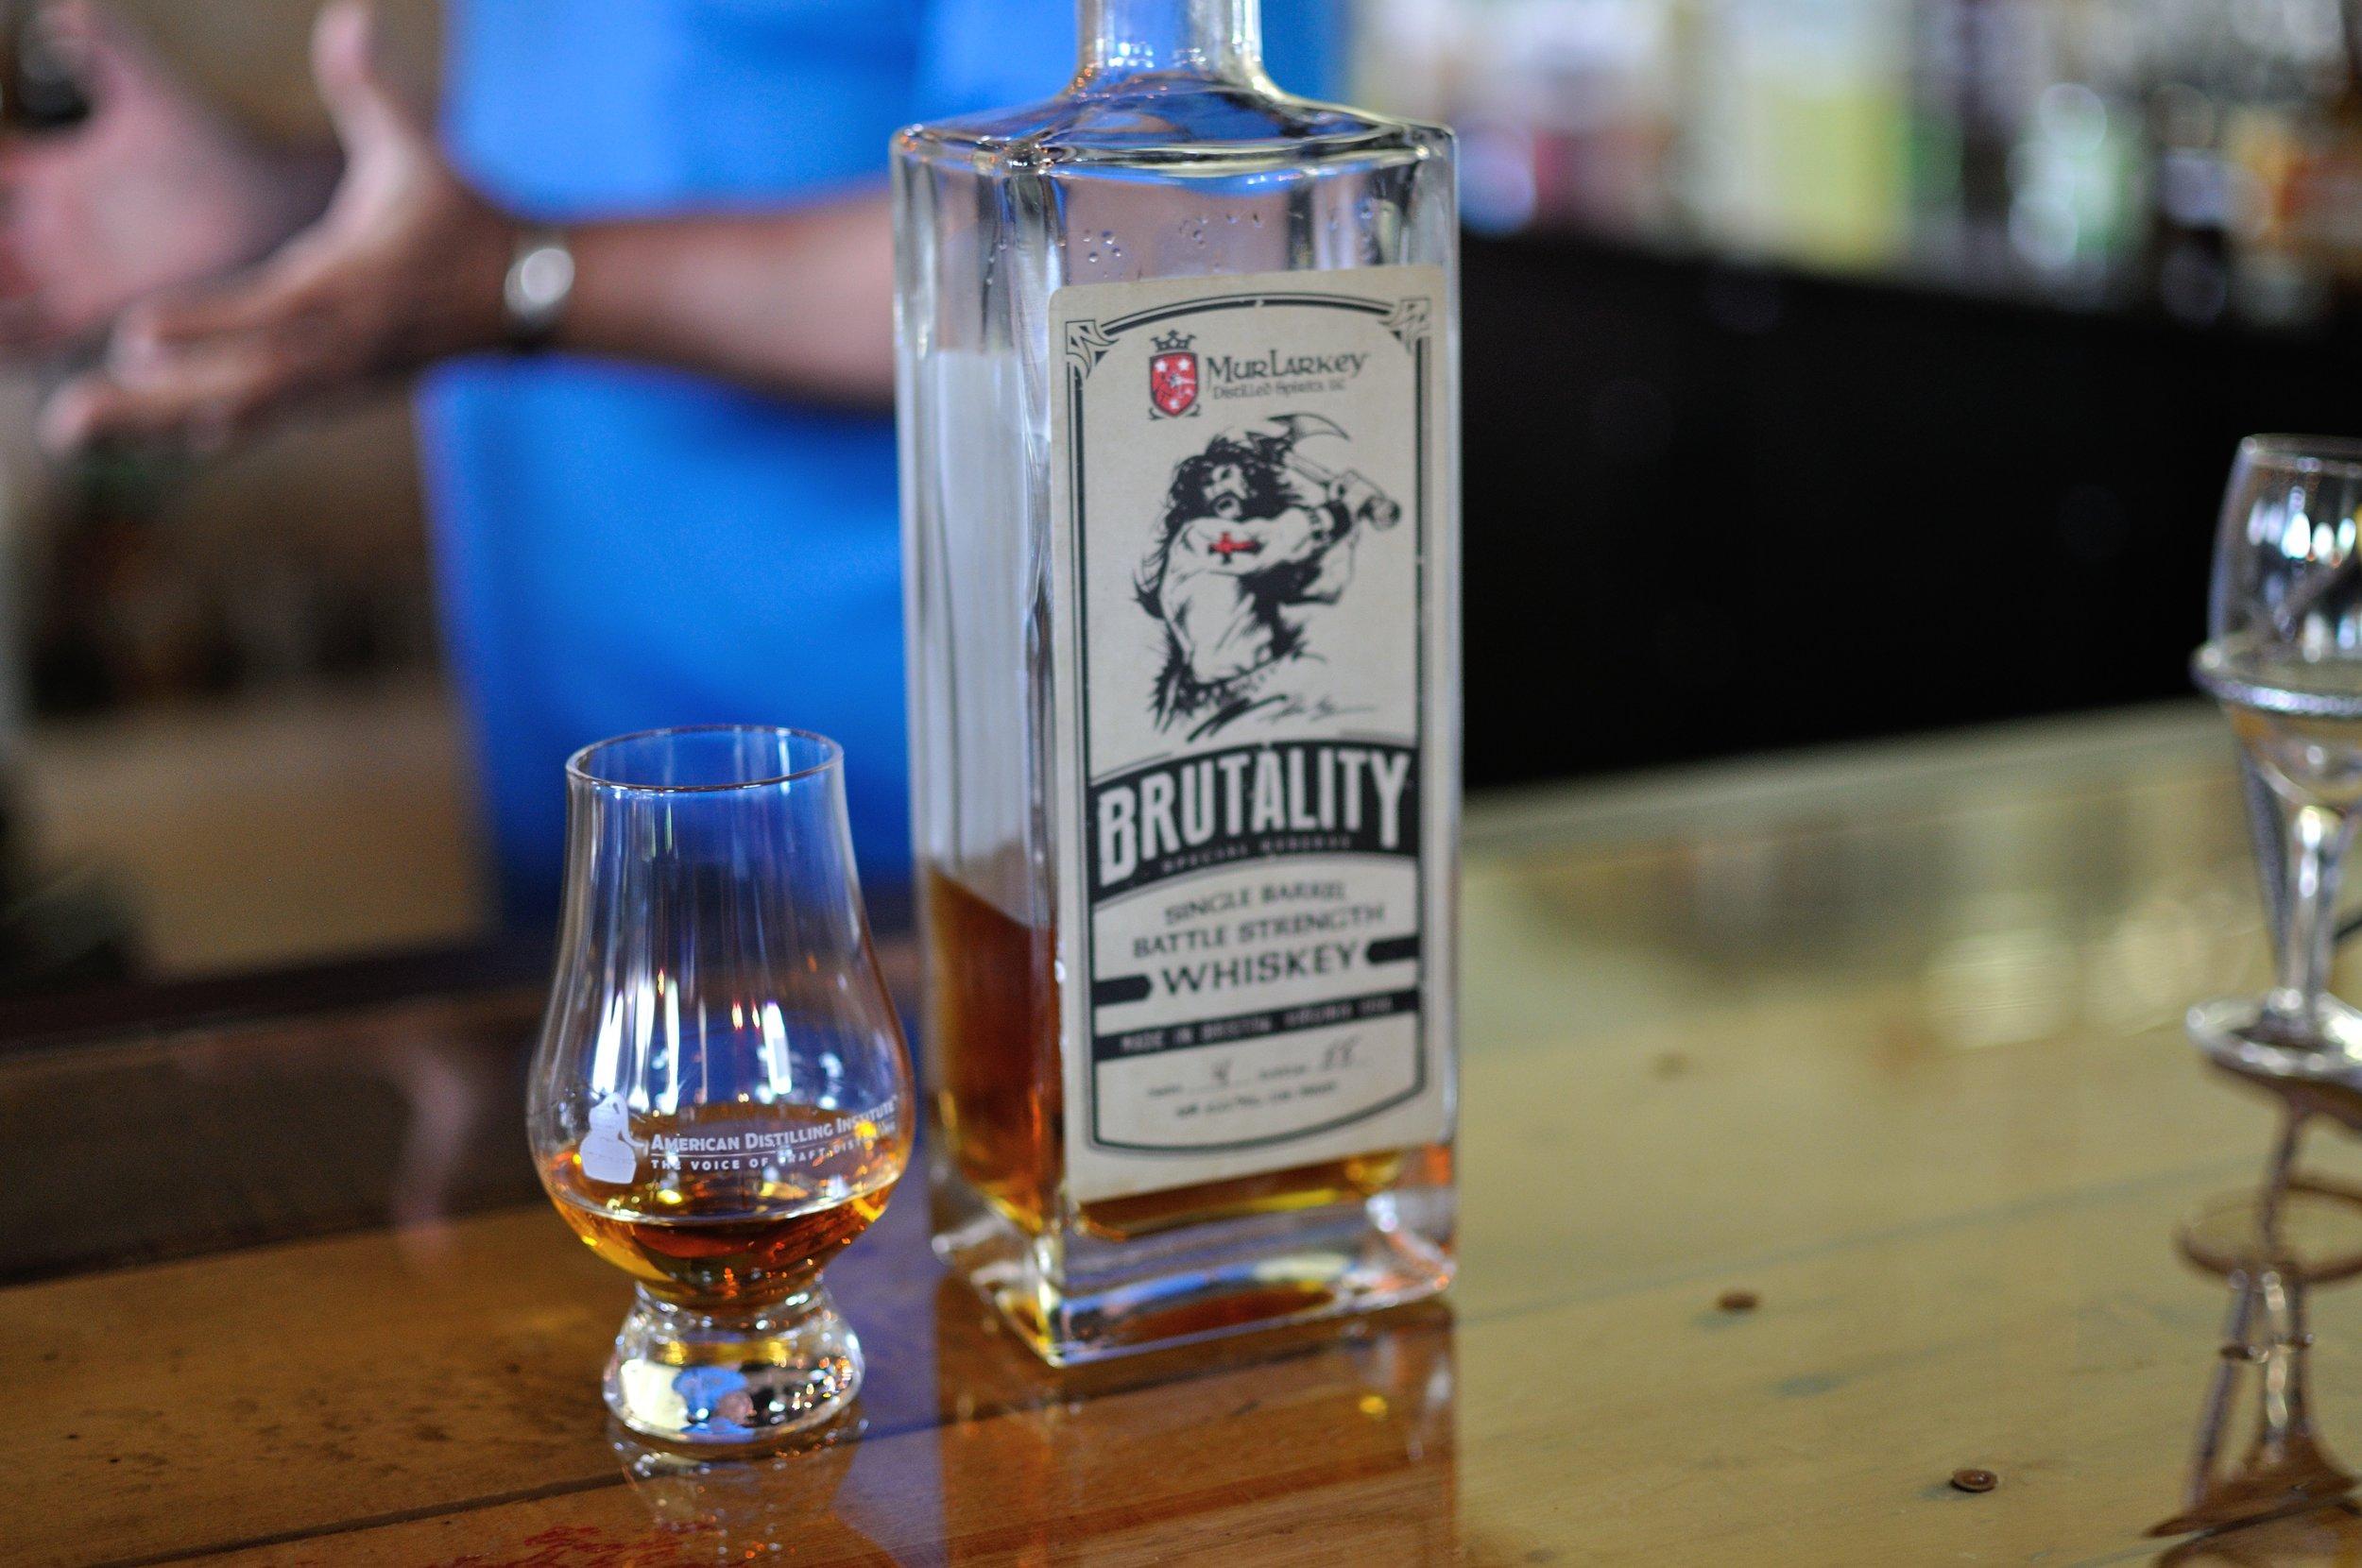 Murlarkey distillery tasting